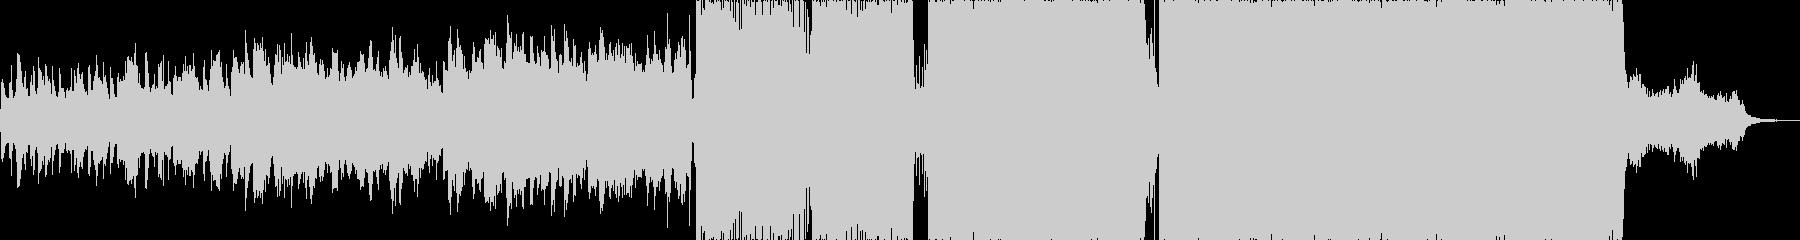 ダークで退廃的女性Vo曲の未再生の波形